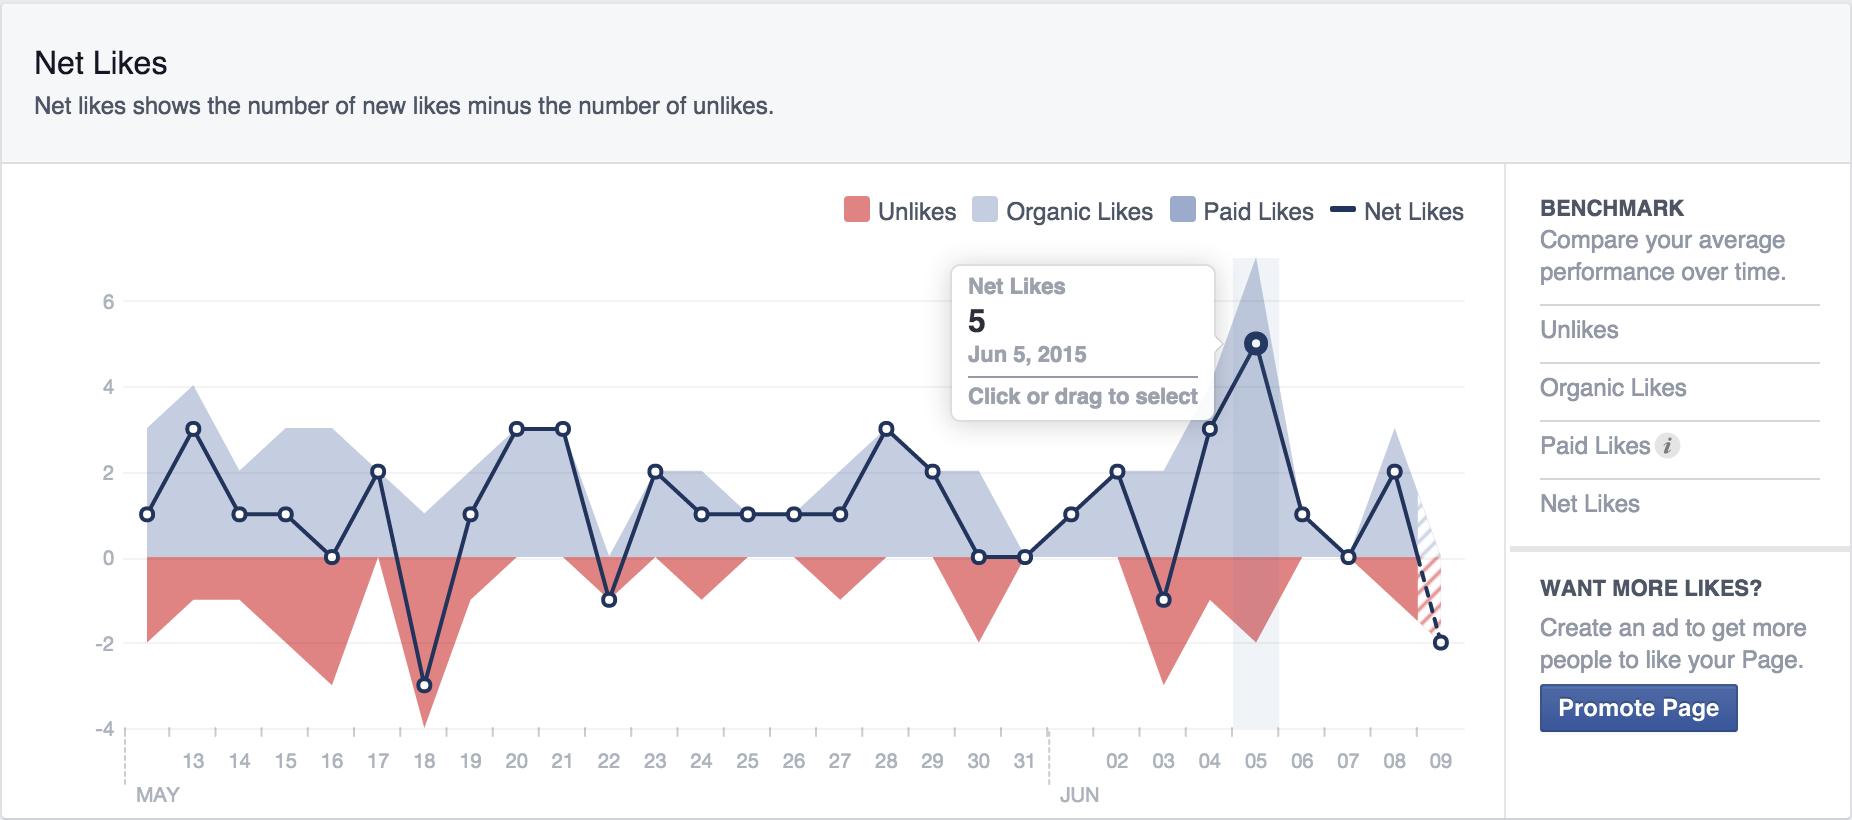 facebook metrics net likes screenshot